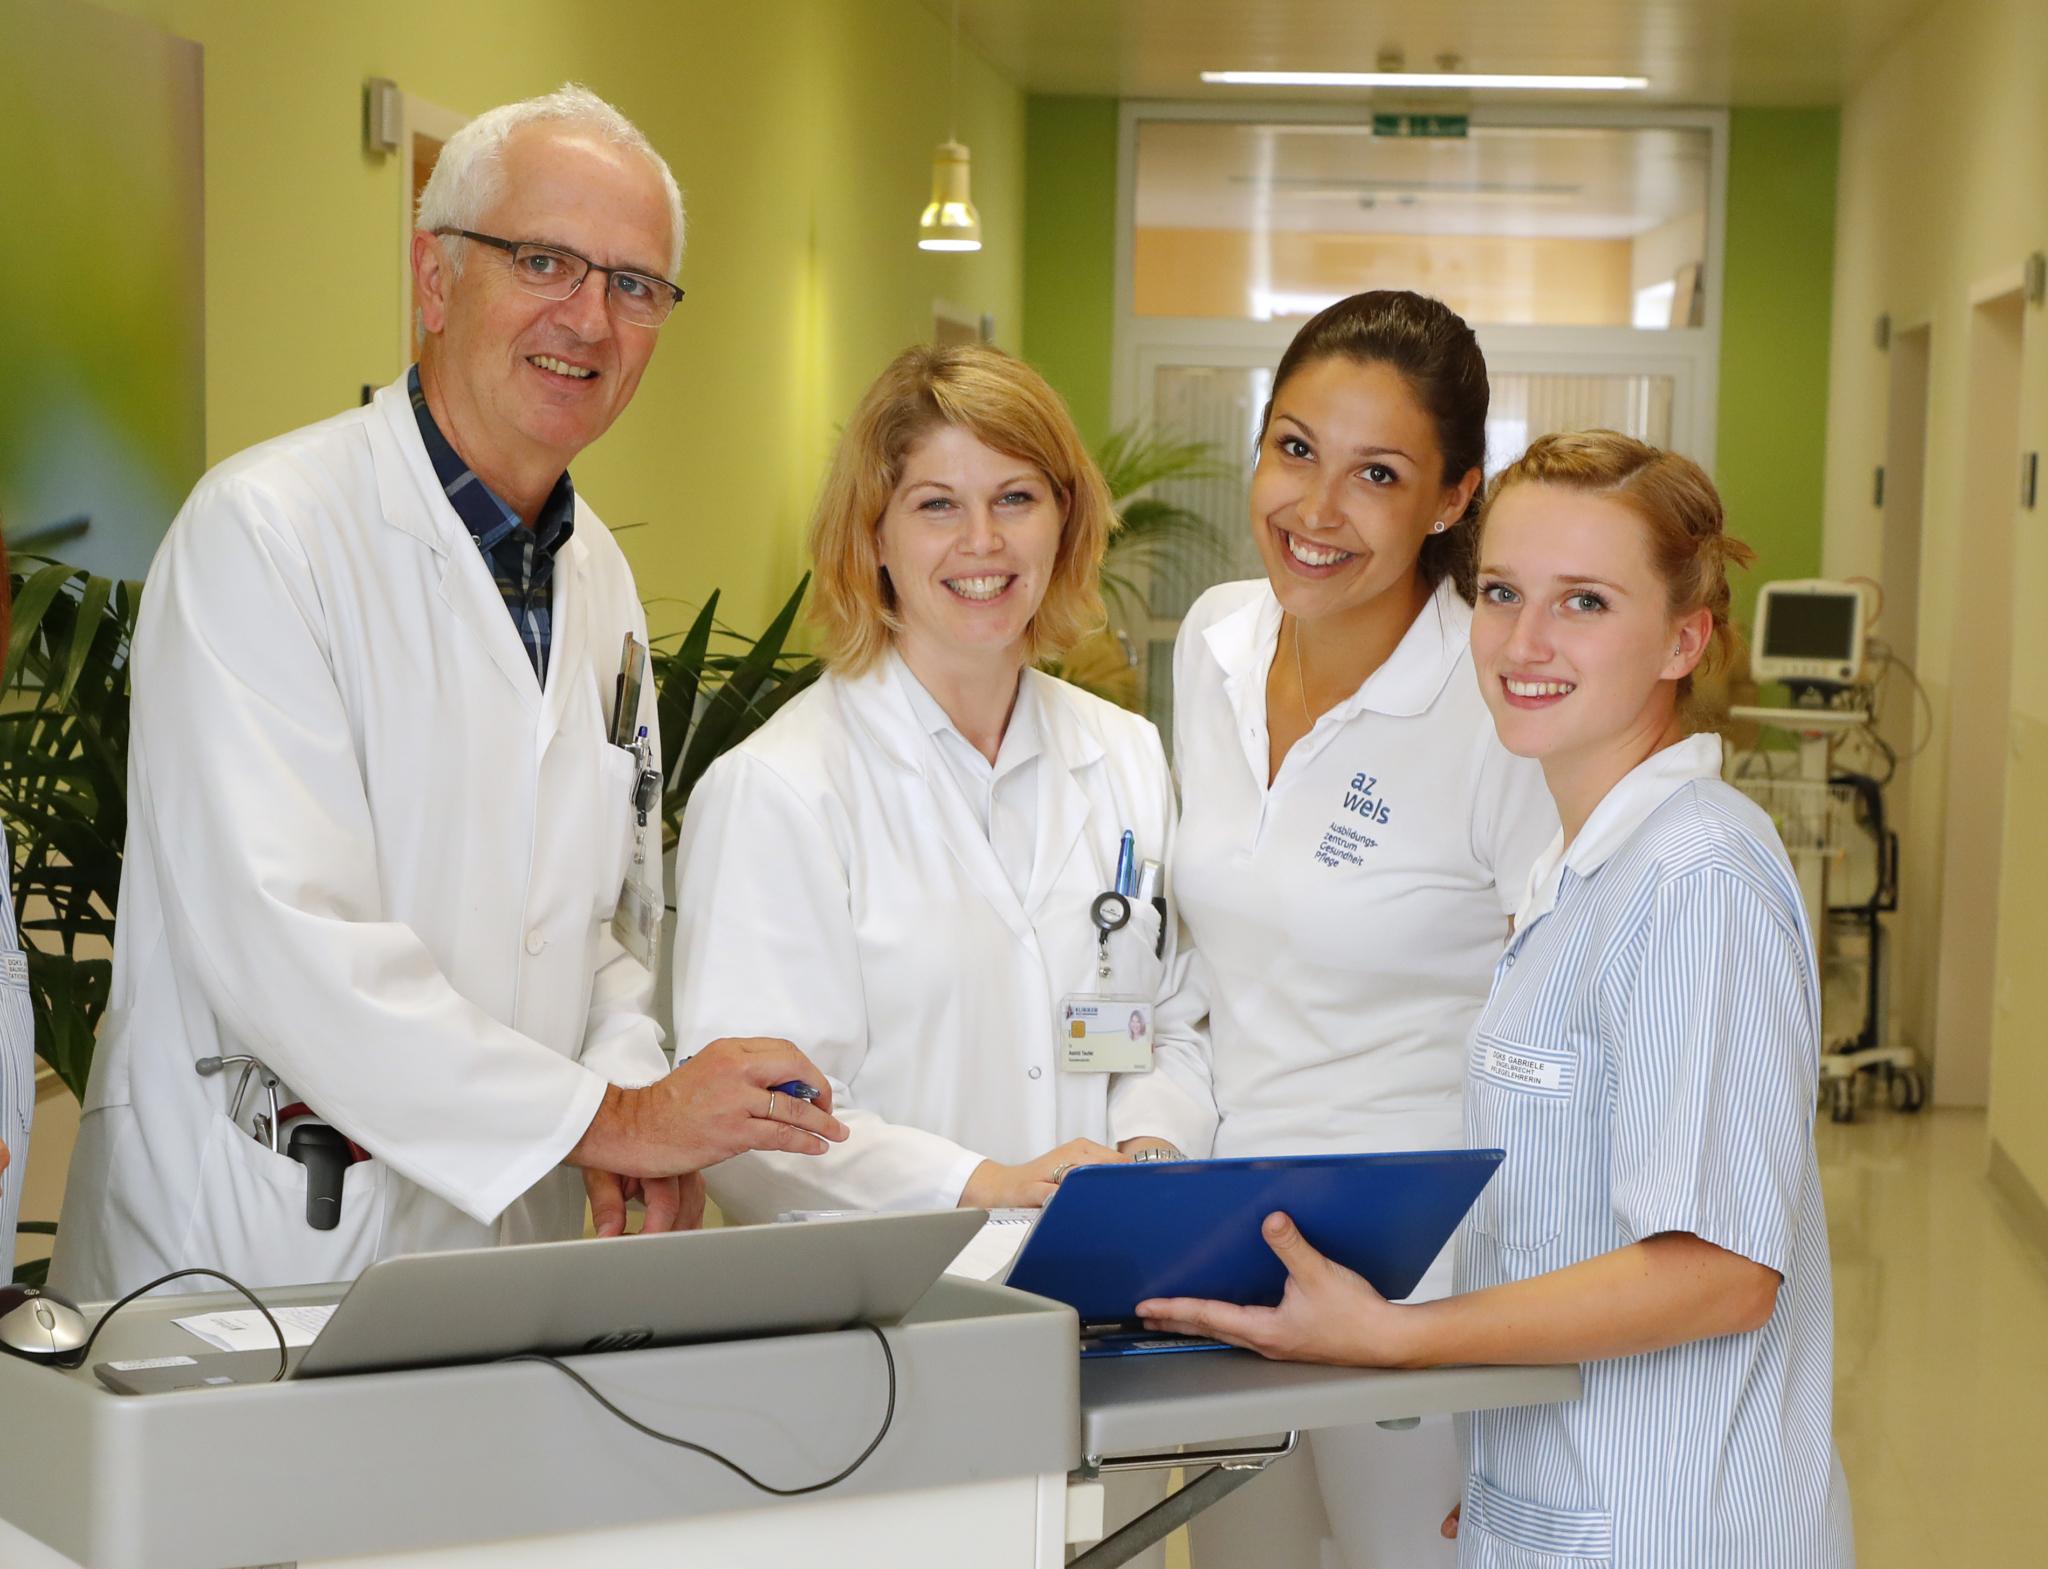 Gesundheits- und Krankenpflege